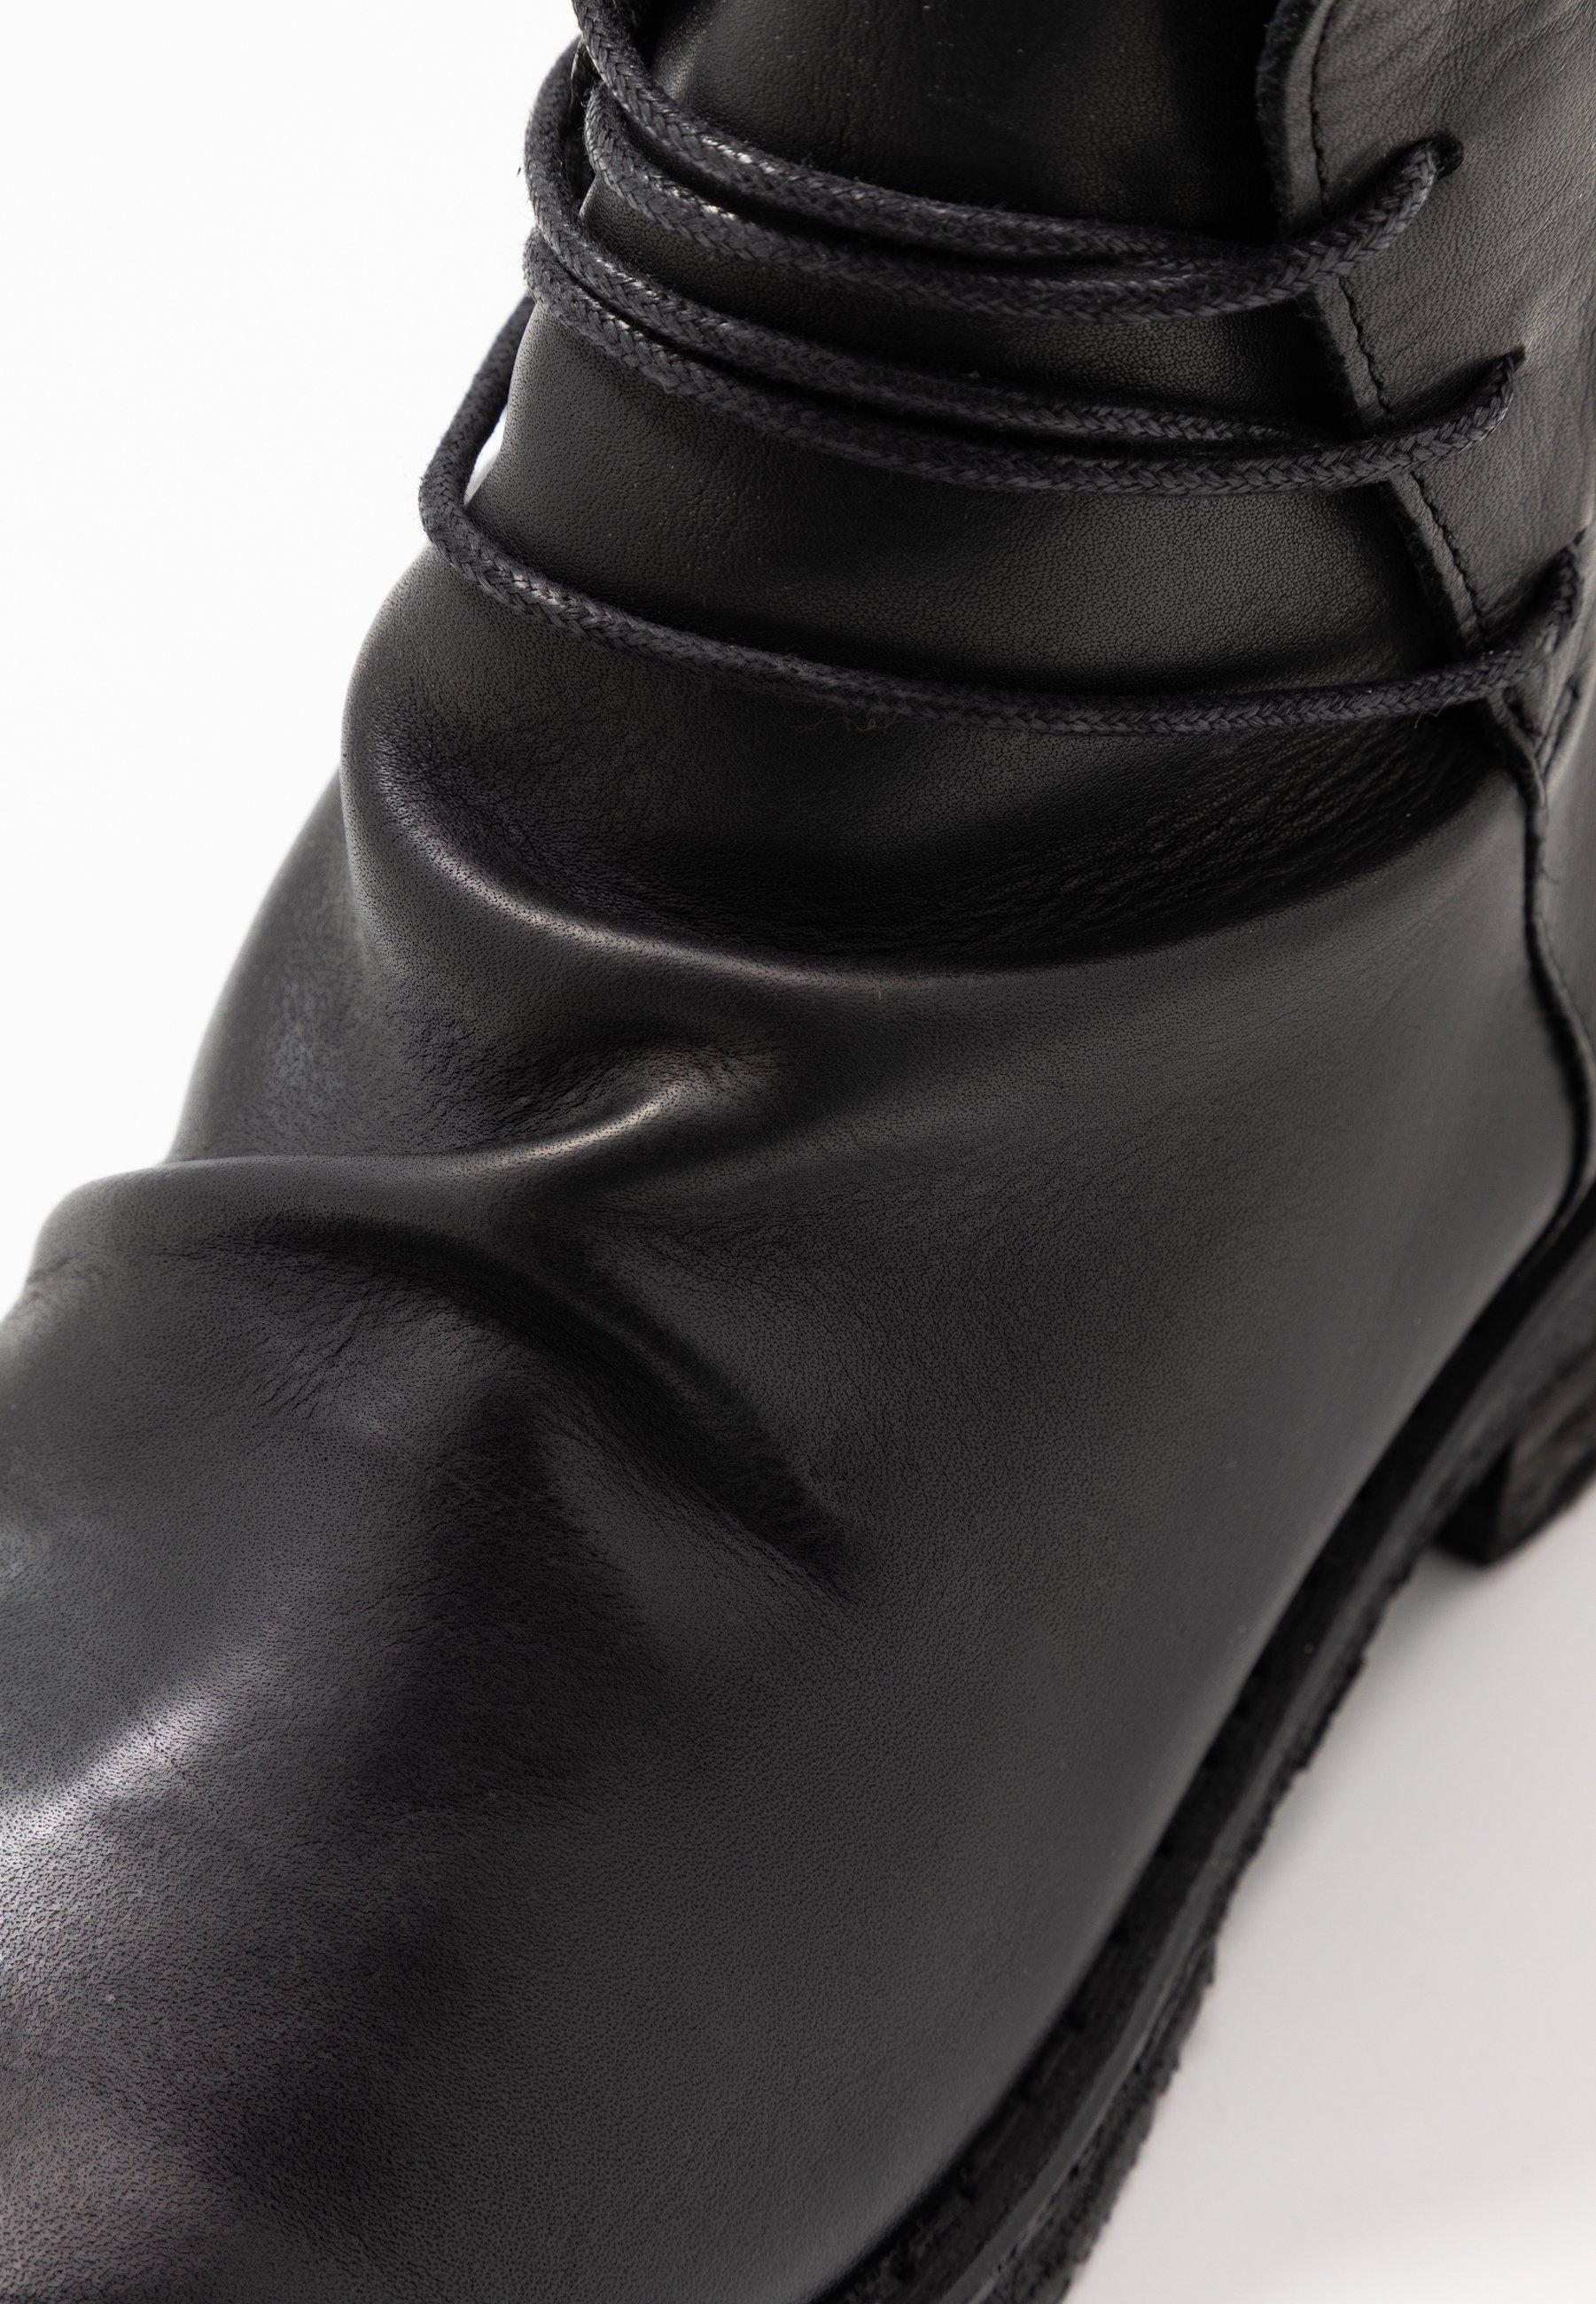 COOPER Snörstövletter uraco black